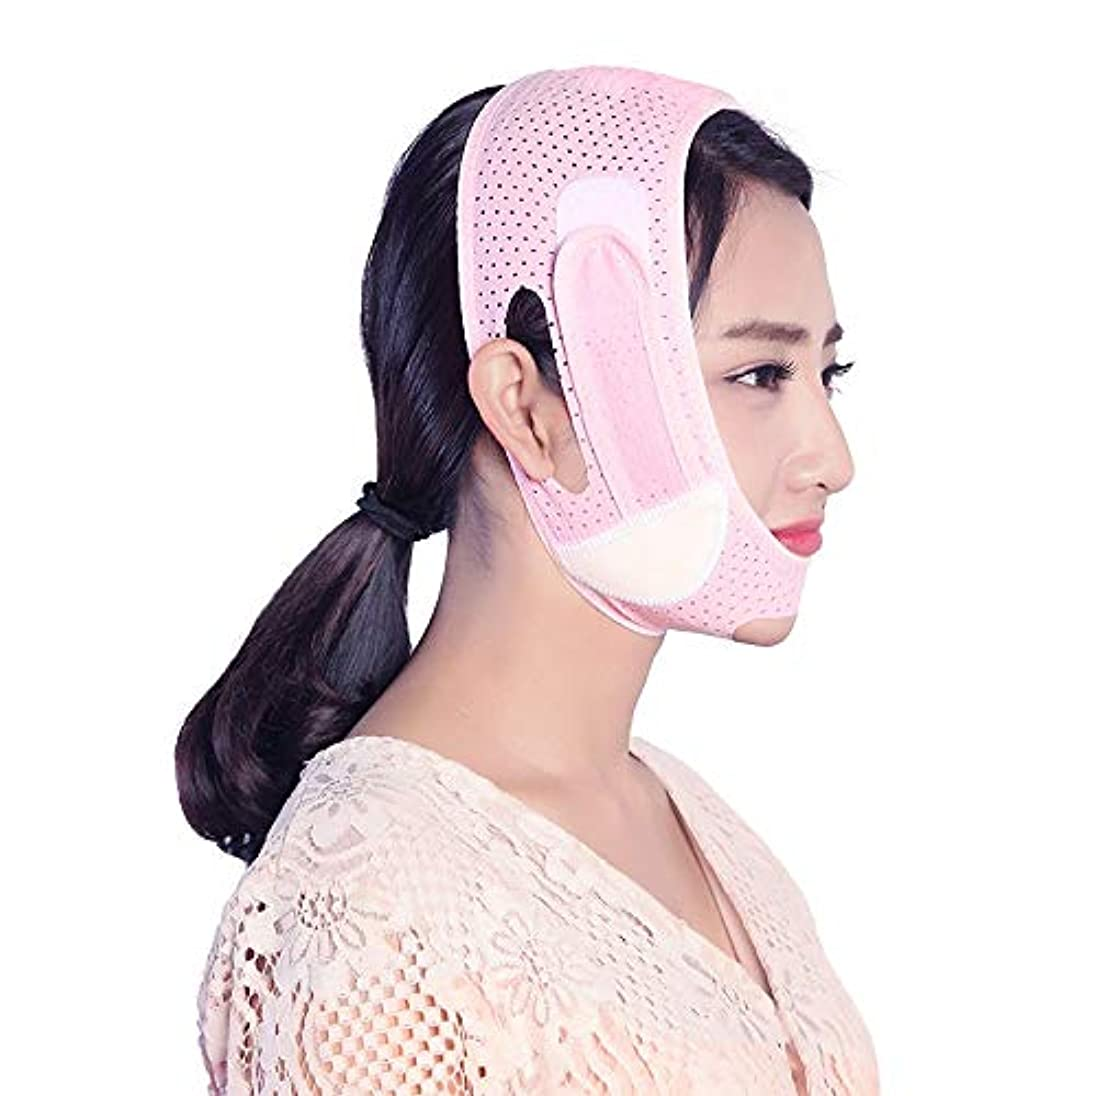 睡眠薄い顔パッチ包帯吊り上げプルv顔引き締めどころアーティファクト判決パターン二重あご薄いマッセルマスク - ピンク